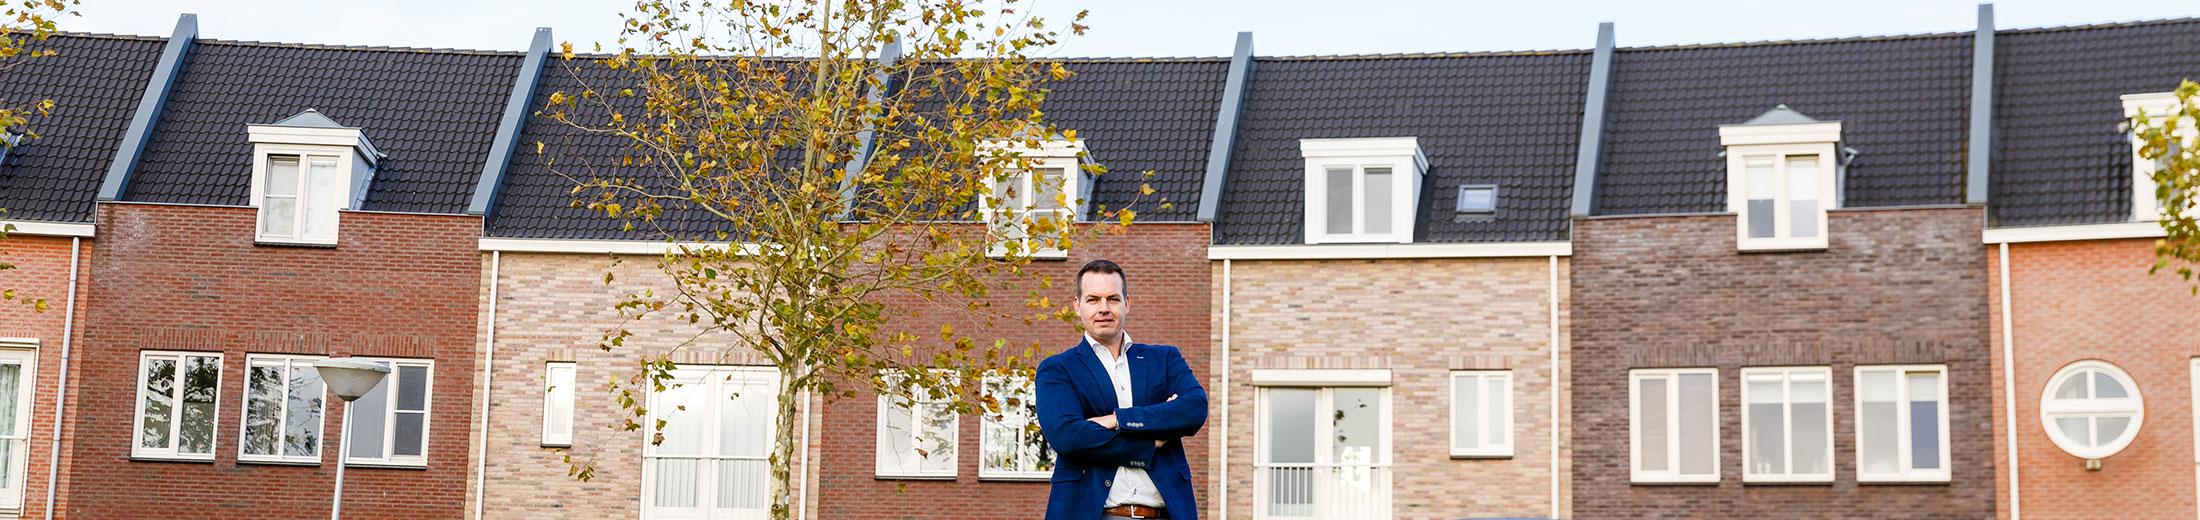 Vrijblijvende waardebepaling van je woning in regio Hardenberg